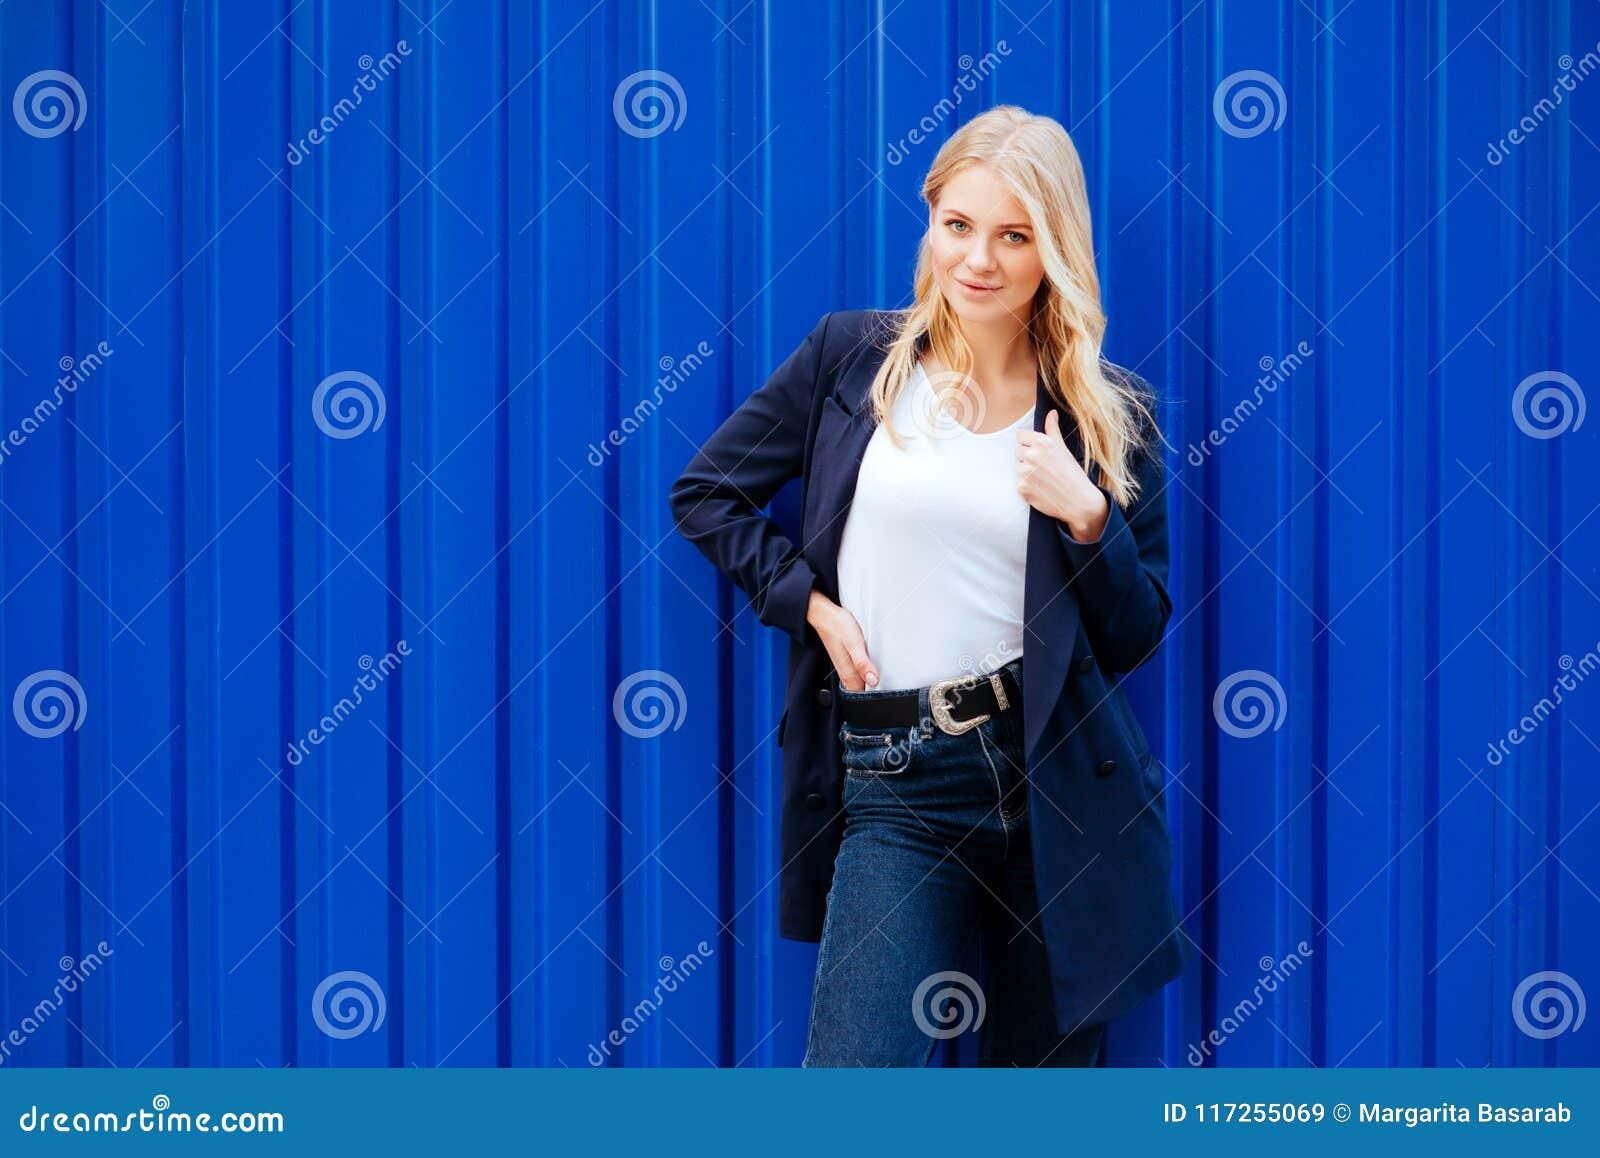 Jong meisje op blauwe achtergrond